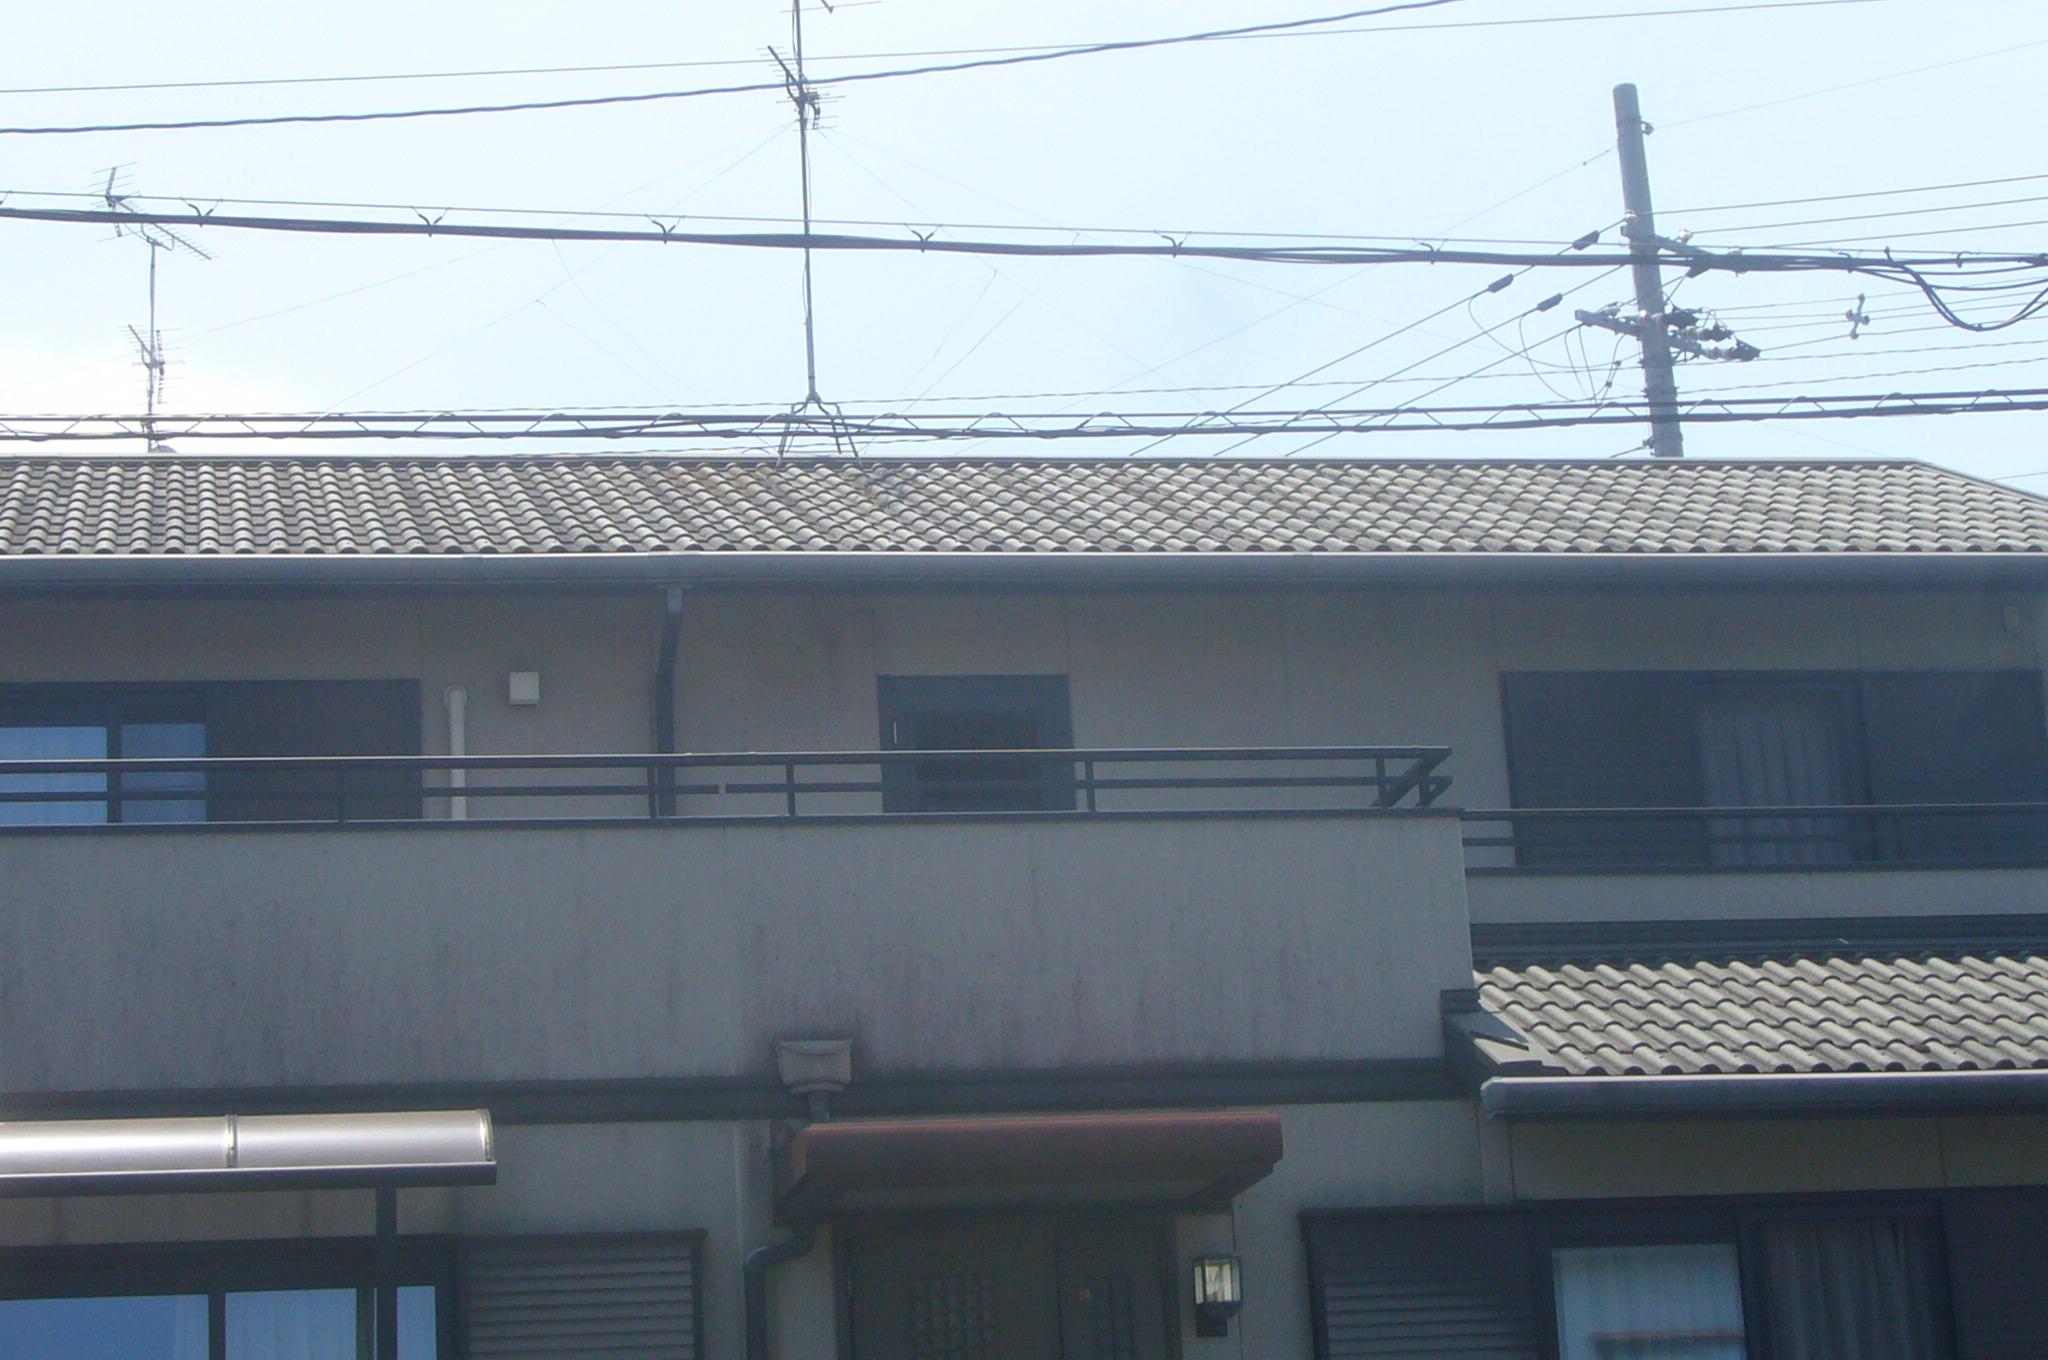 モニエル瓦の大屋根